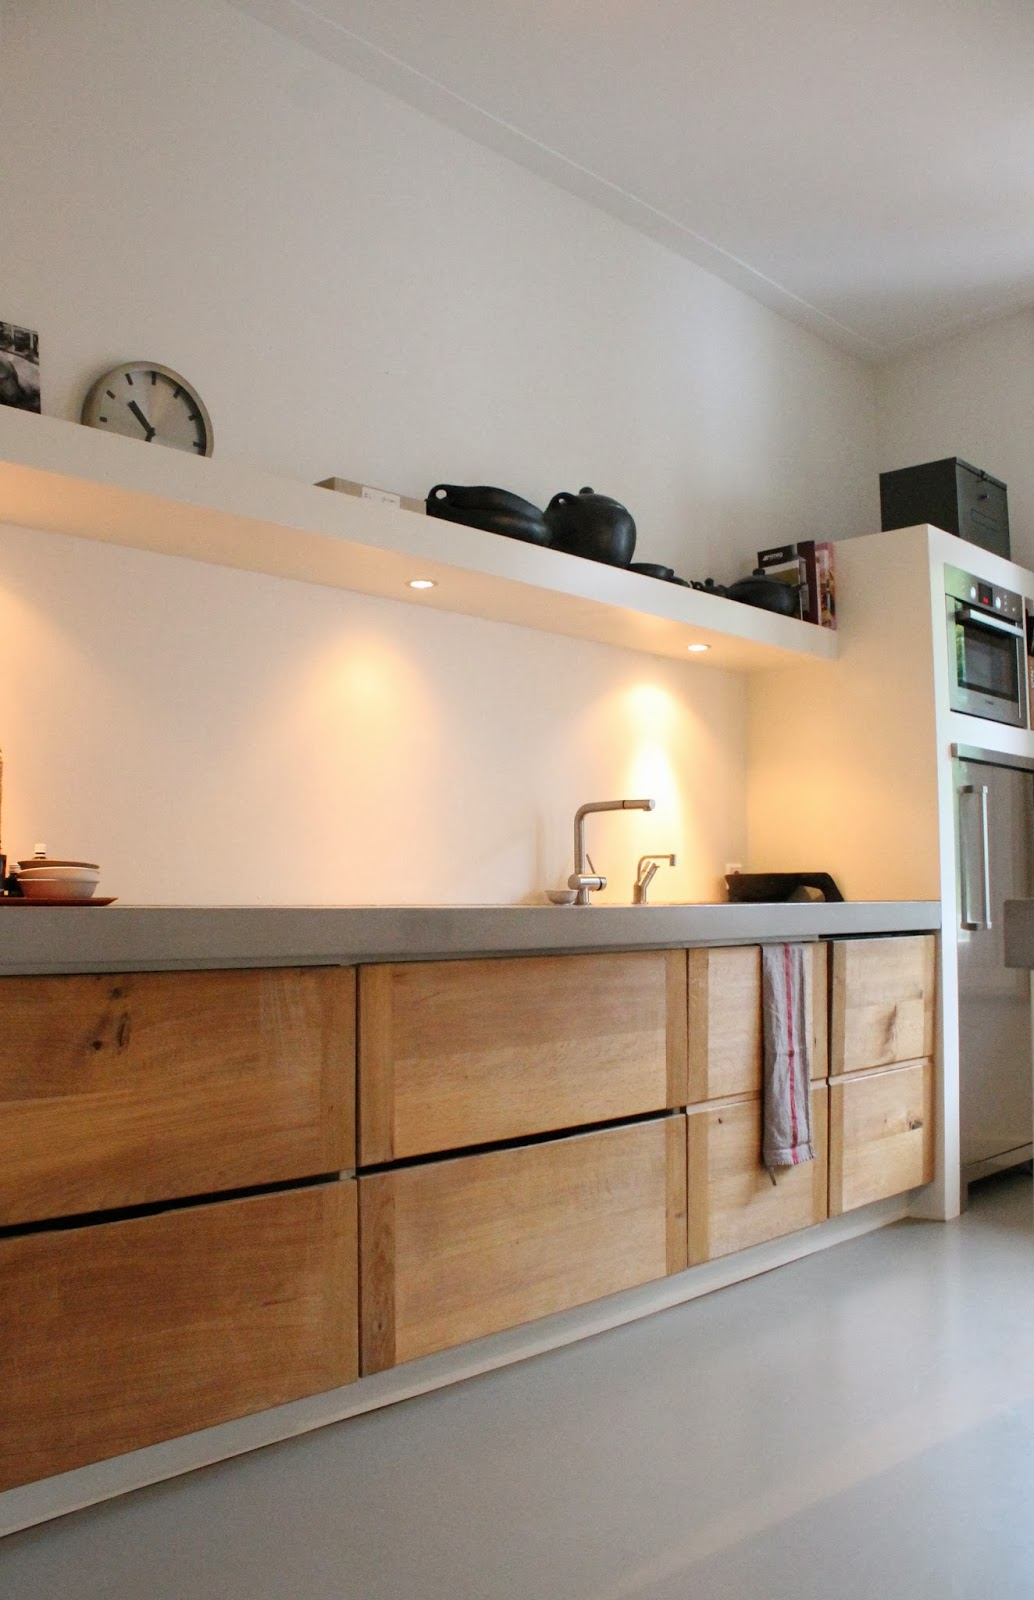 Køkkenbordplade i beton indrettet med træmaterialer